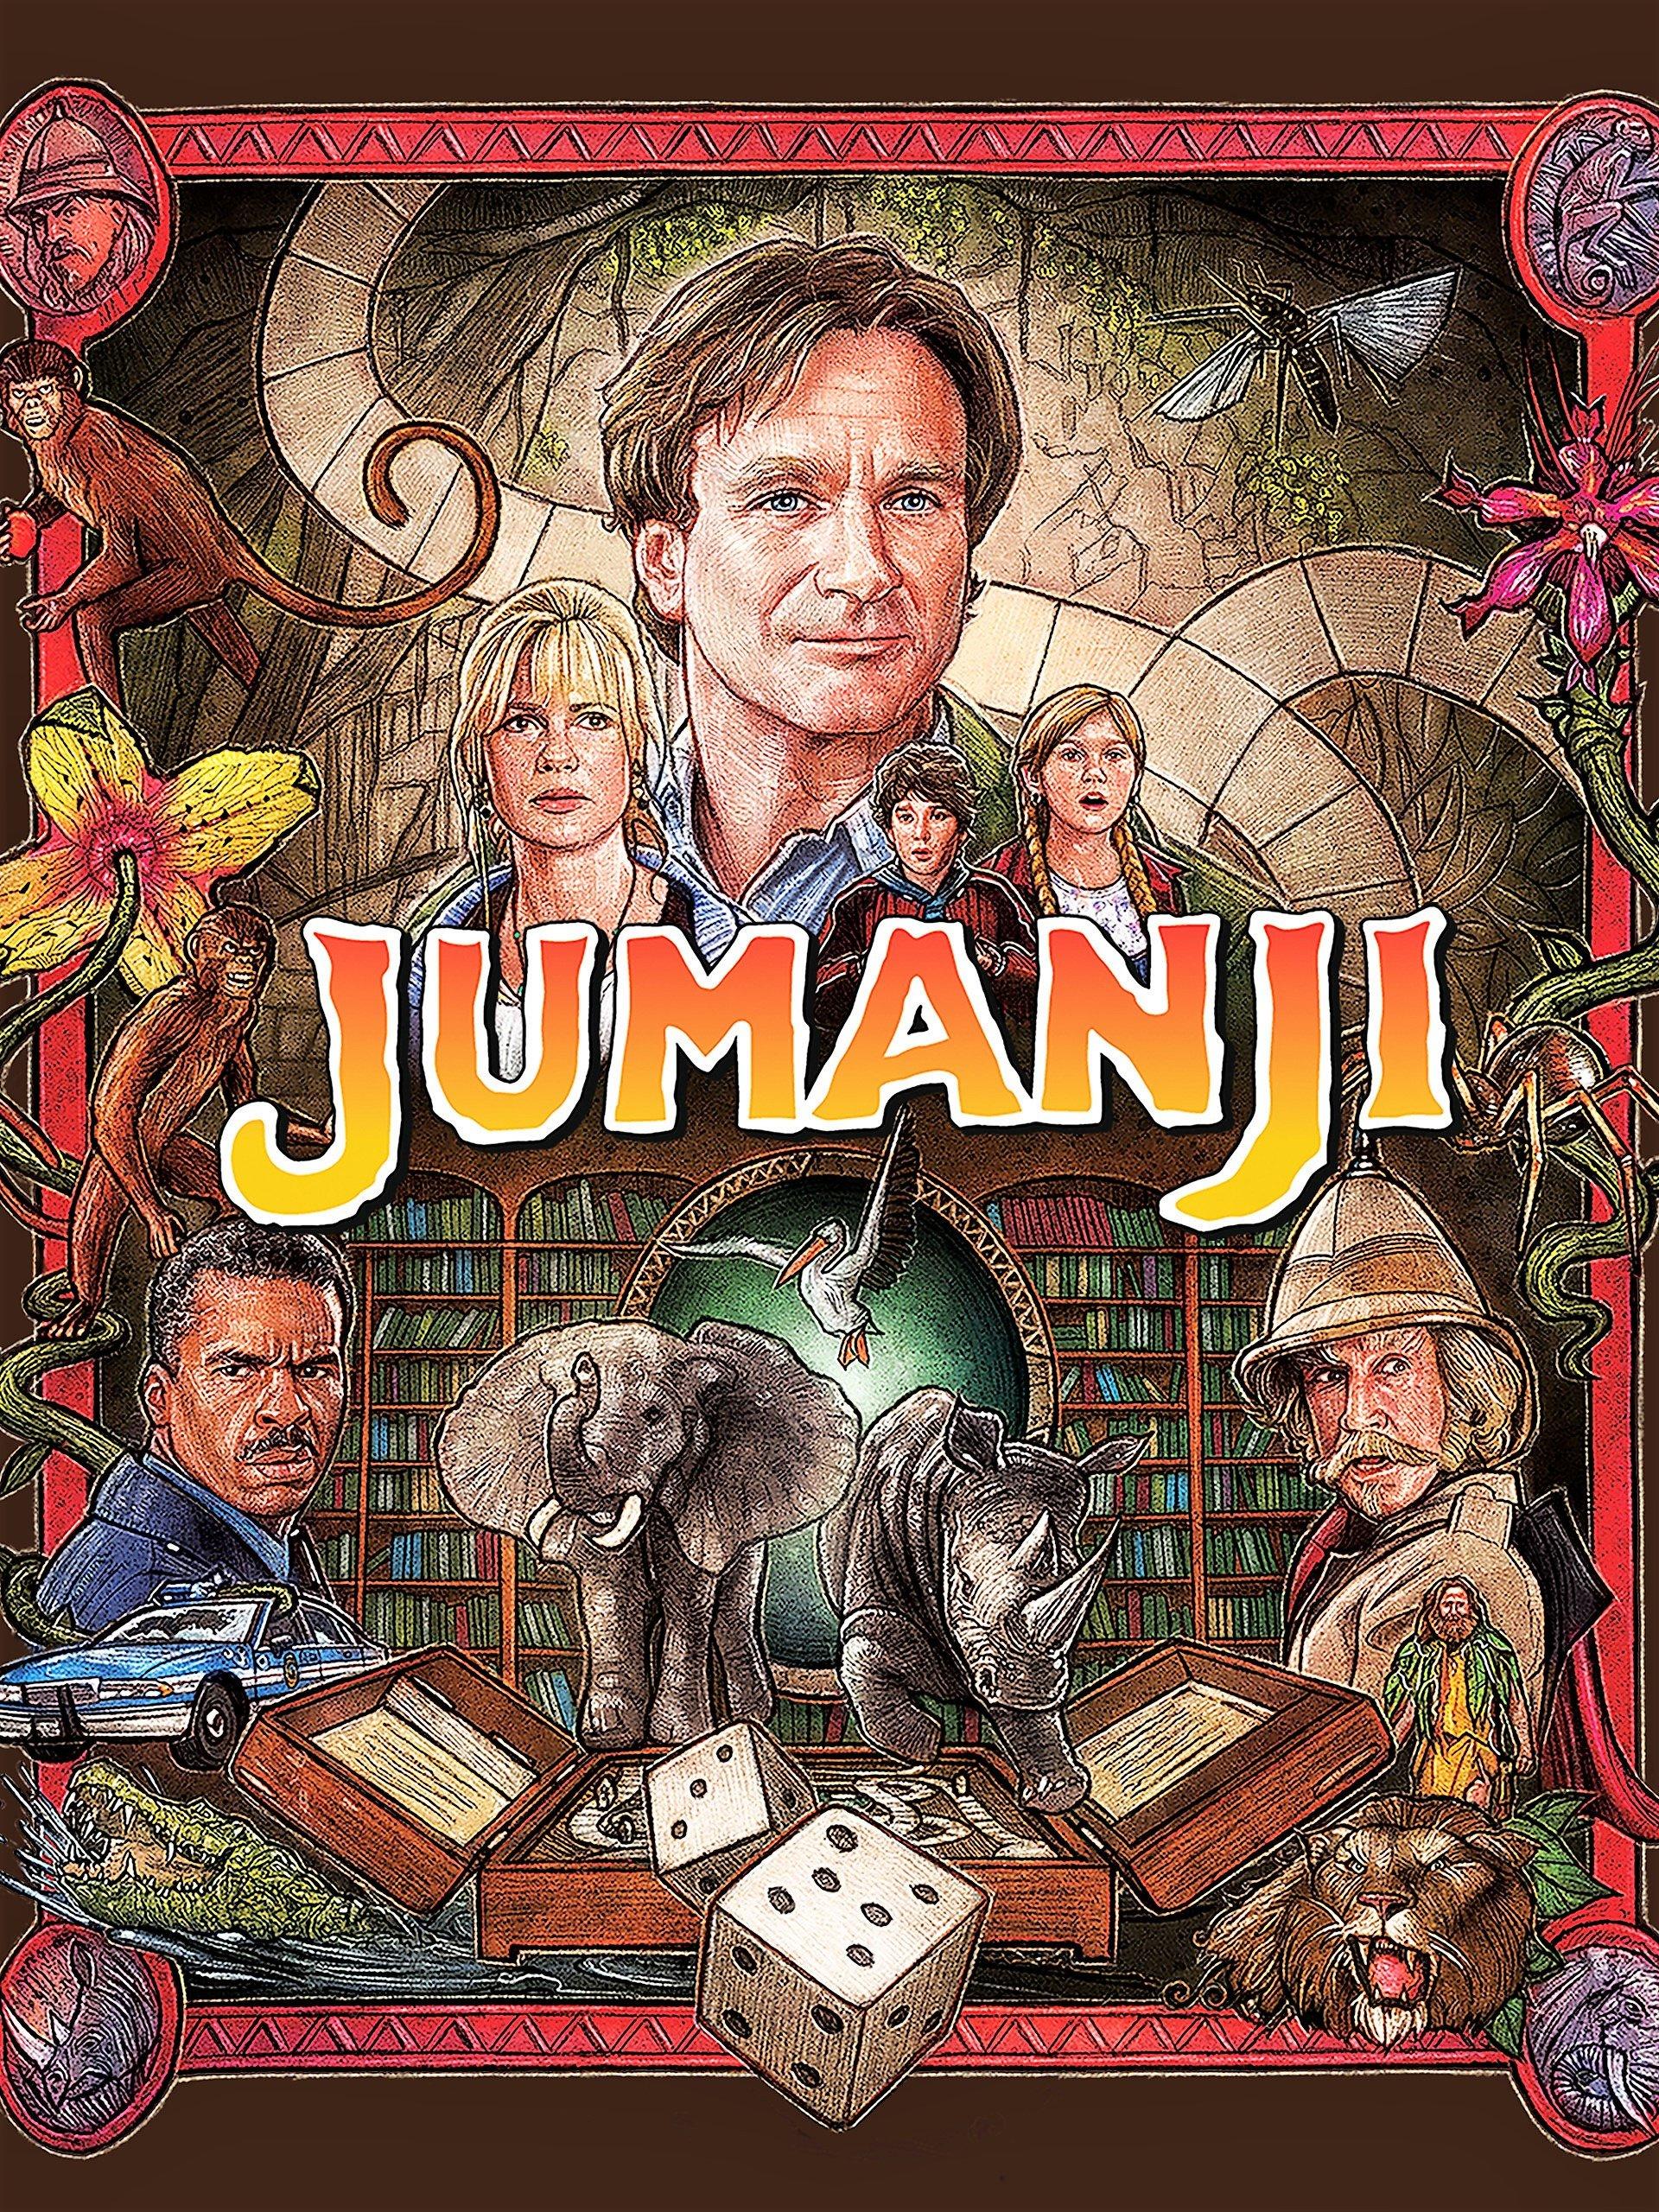 Jumanji (4K UHD)